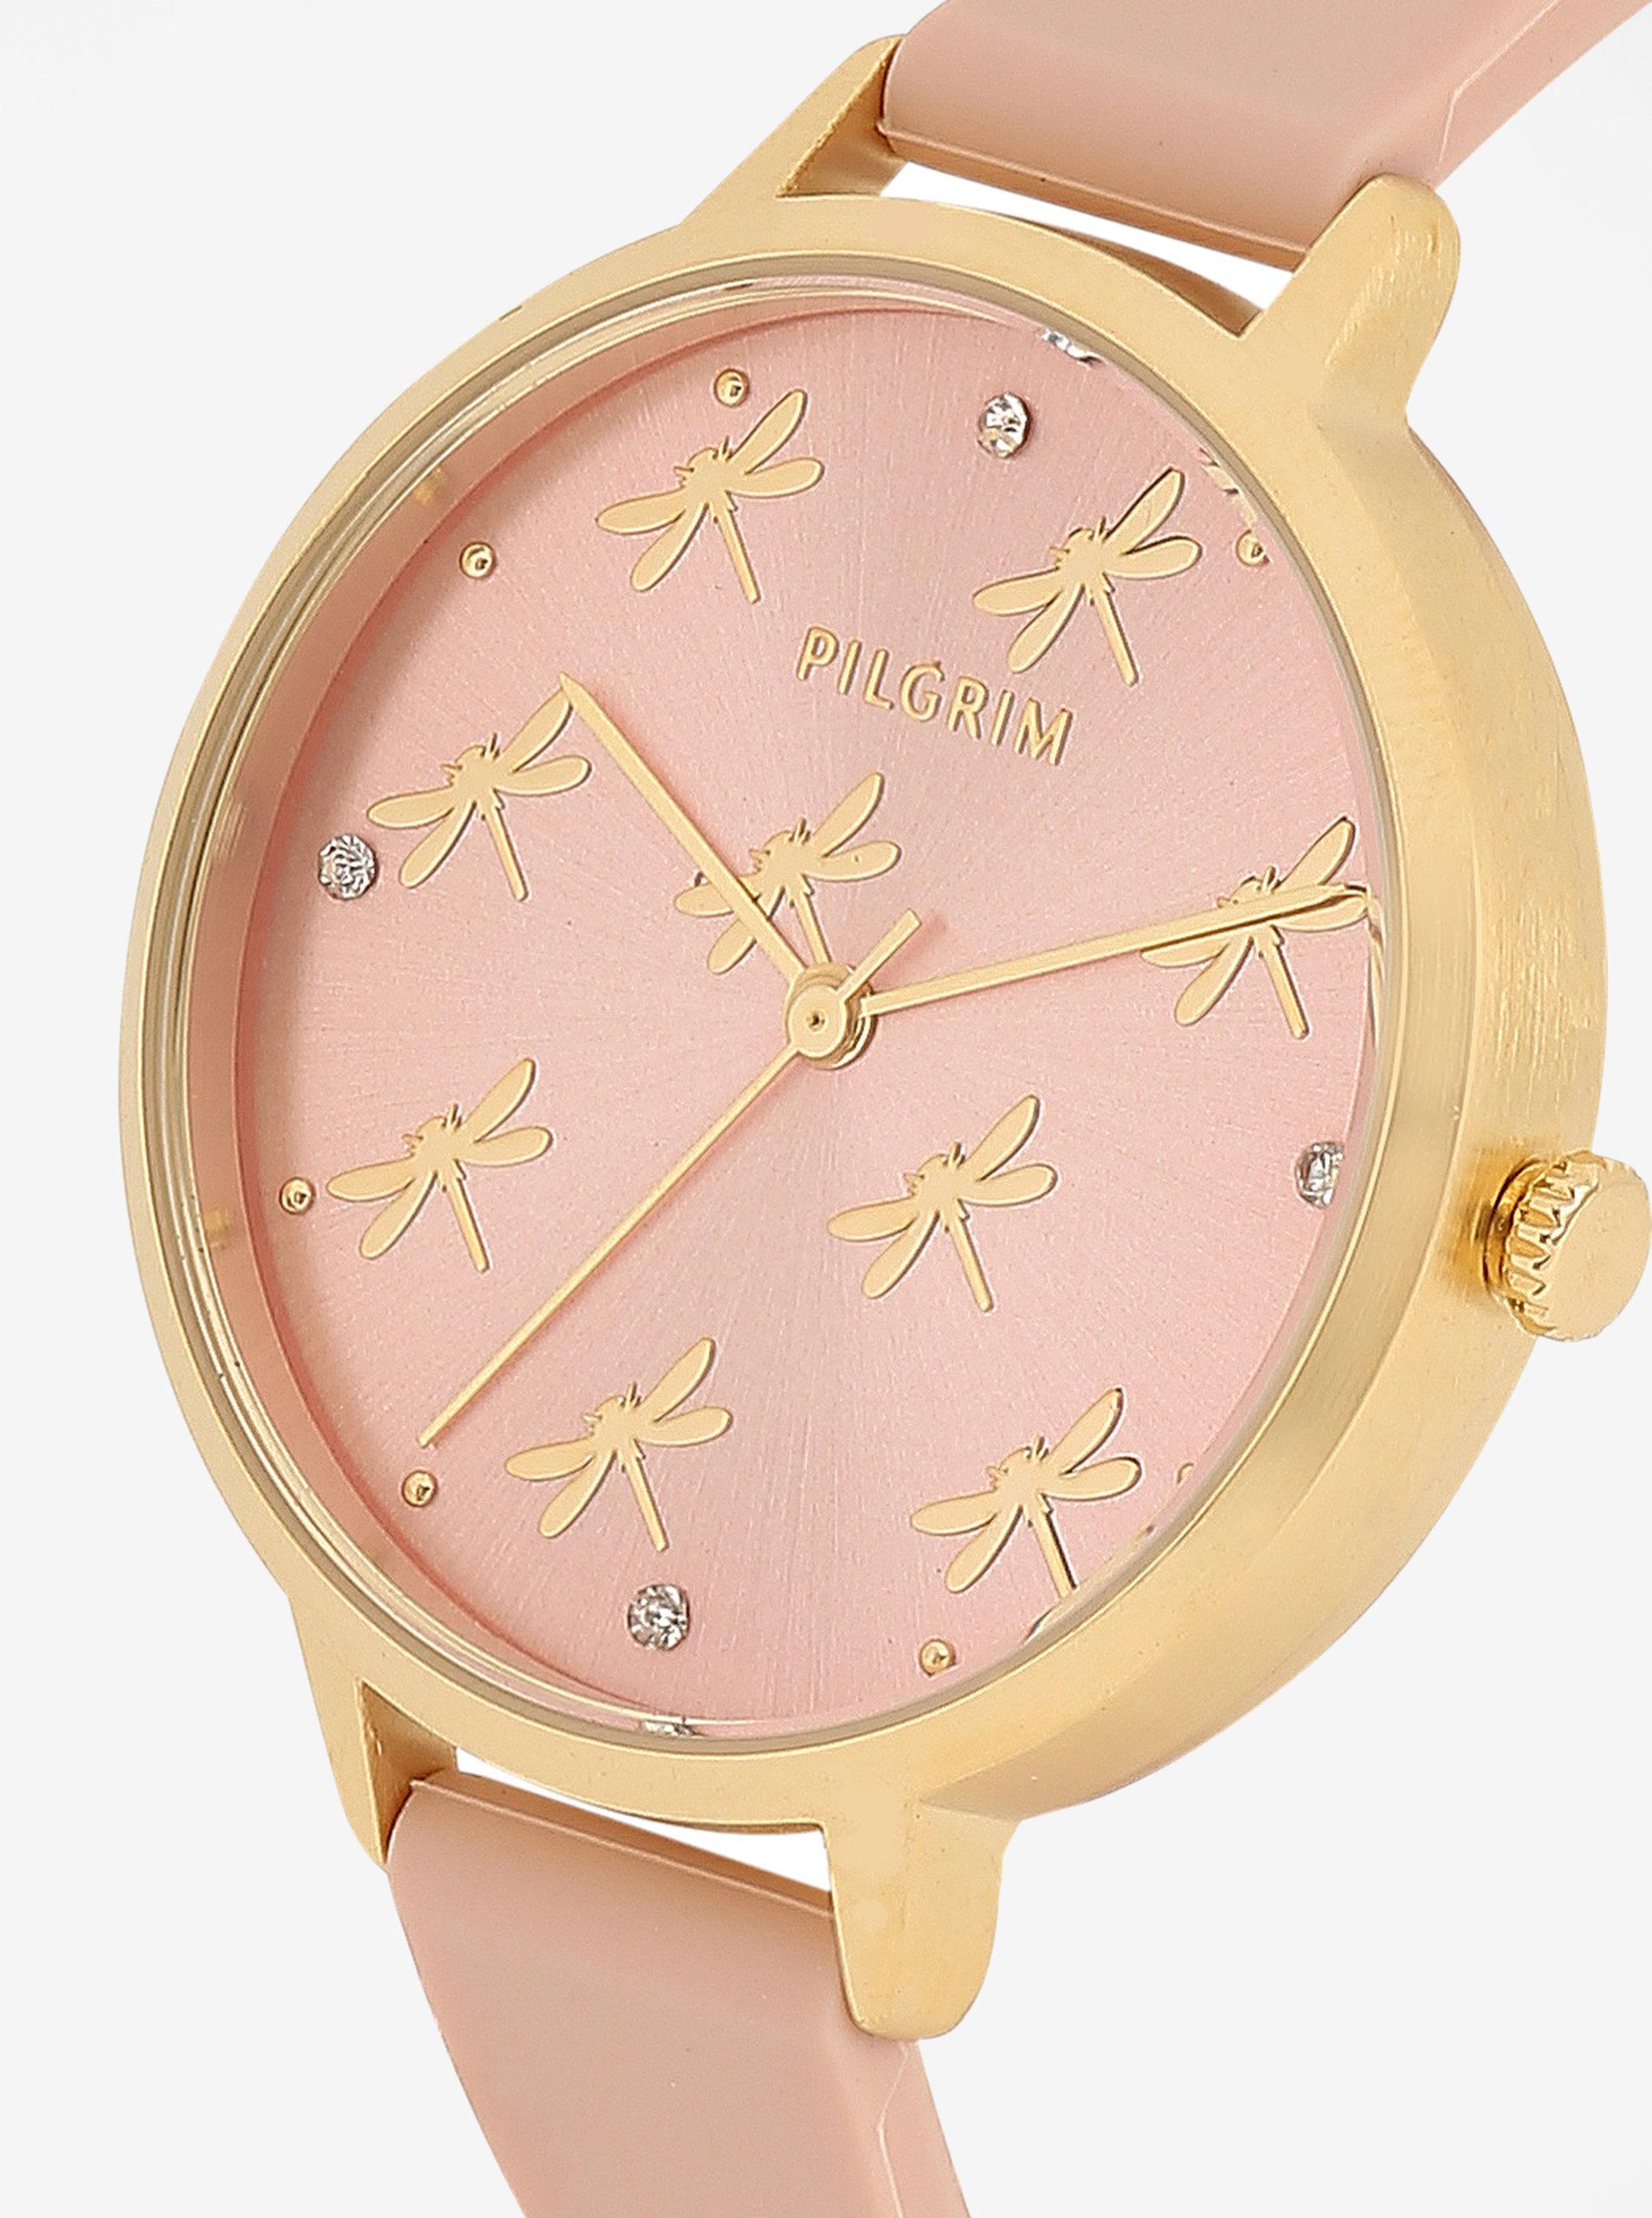 4fee09943 Dámske pozlátené hodinky s telovým silikónovým remienkom Pilgrim Babette